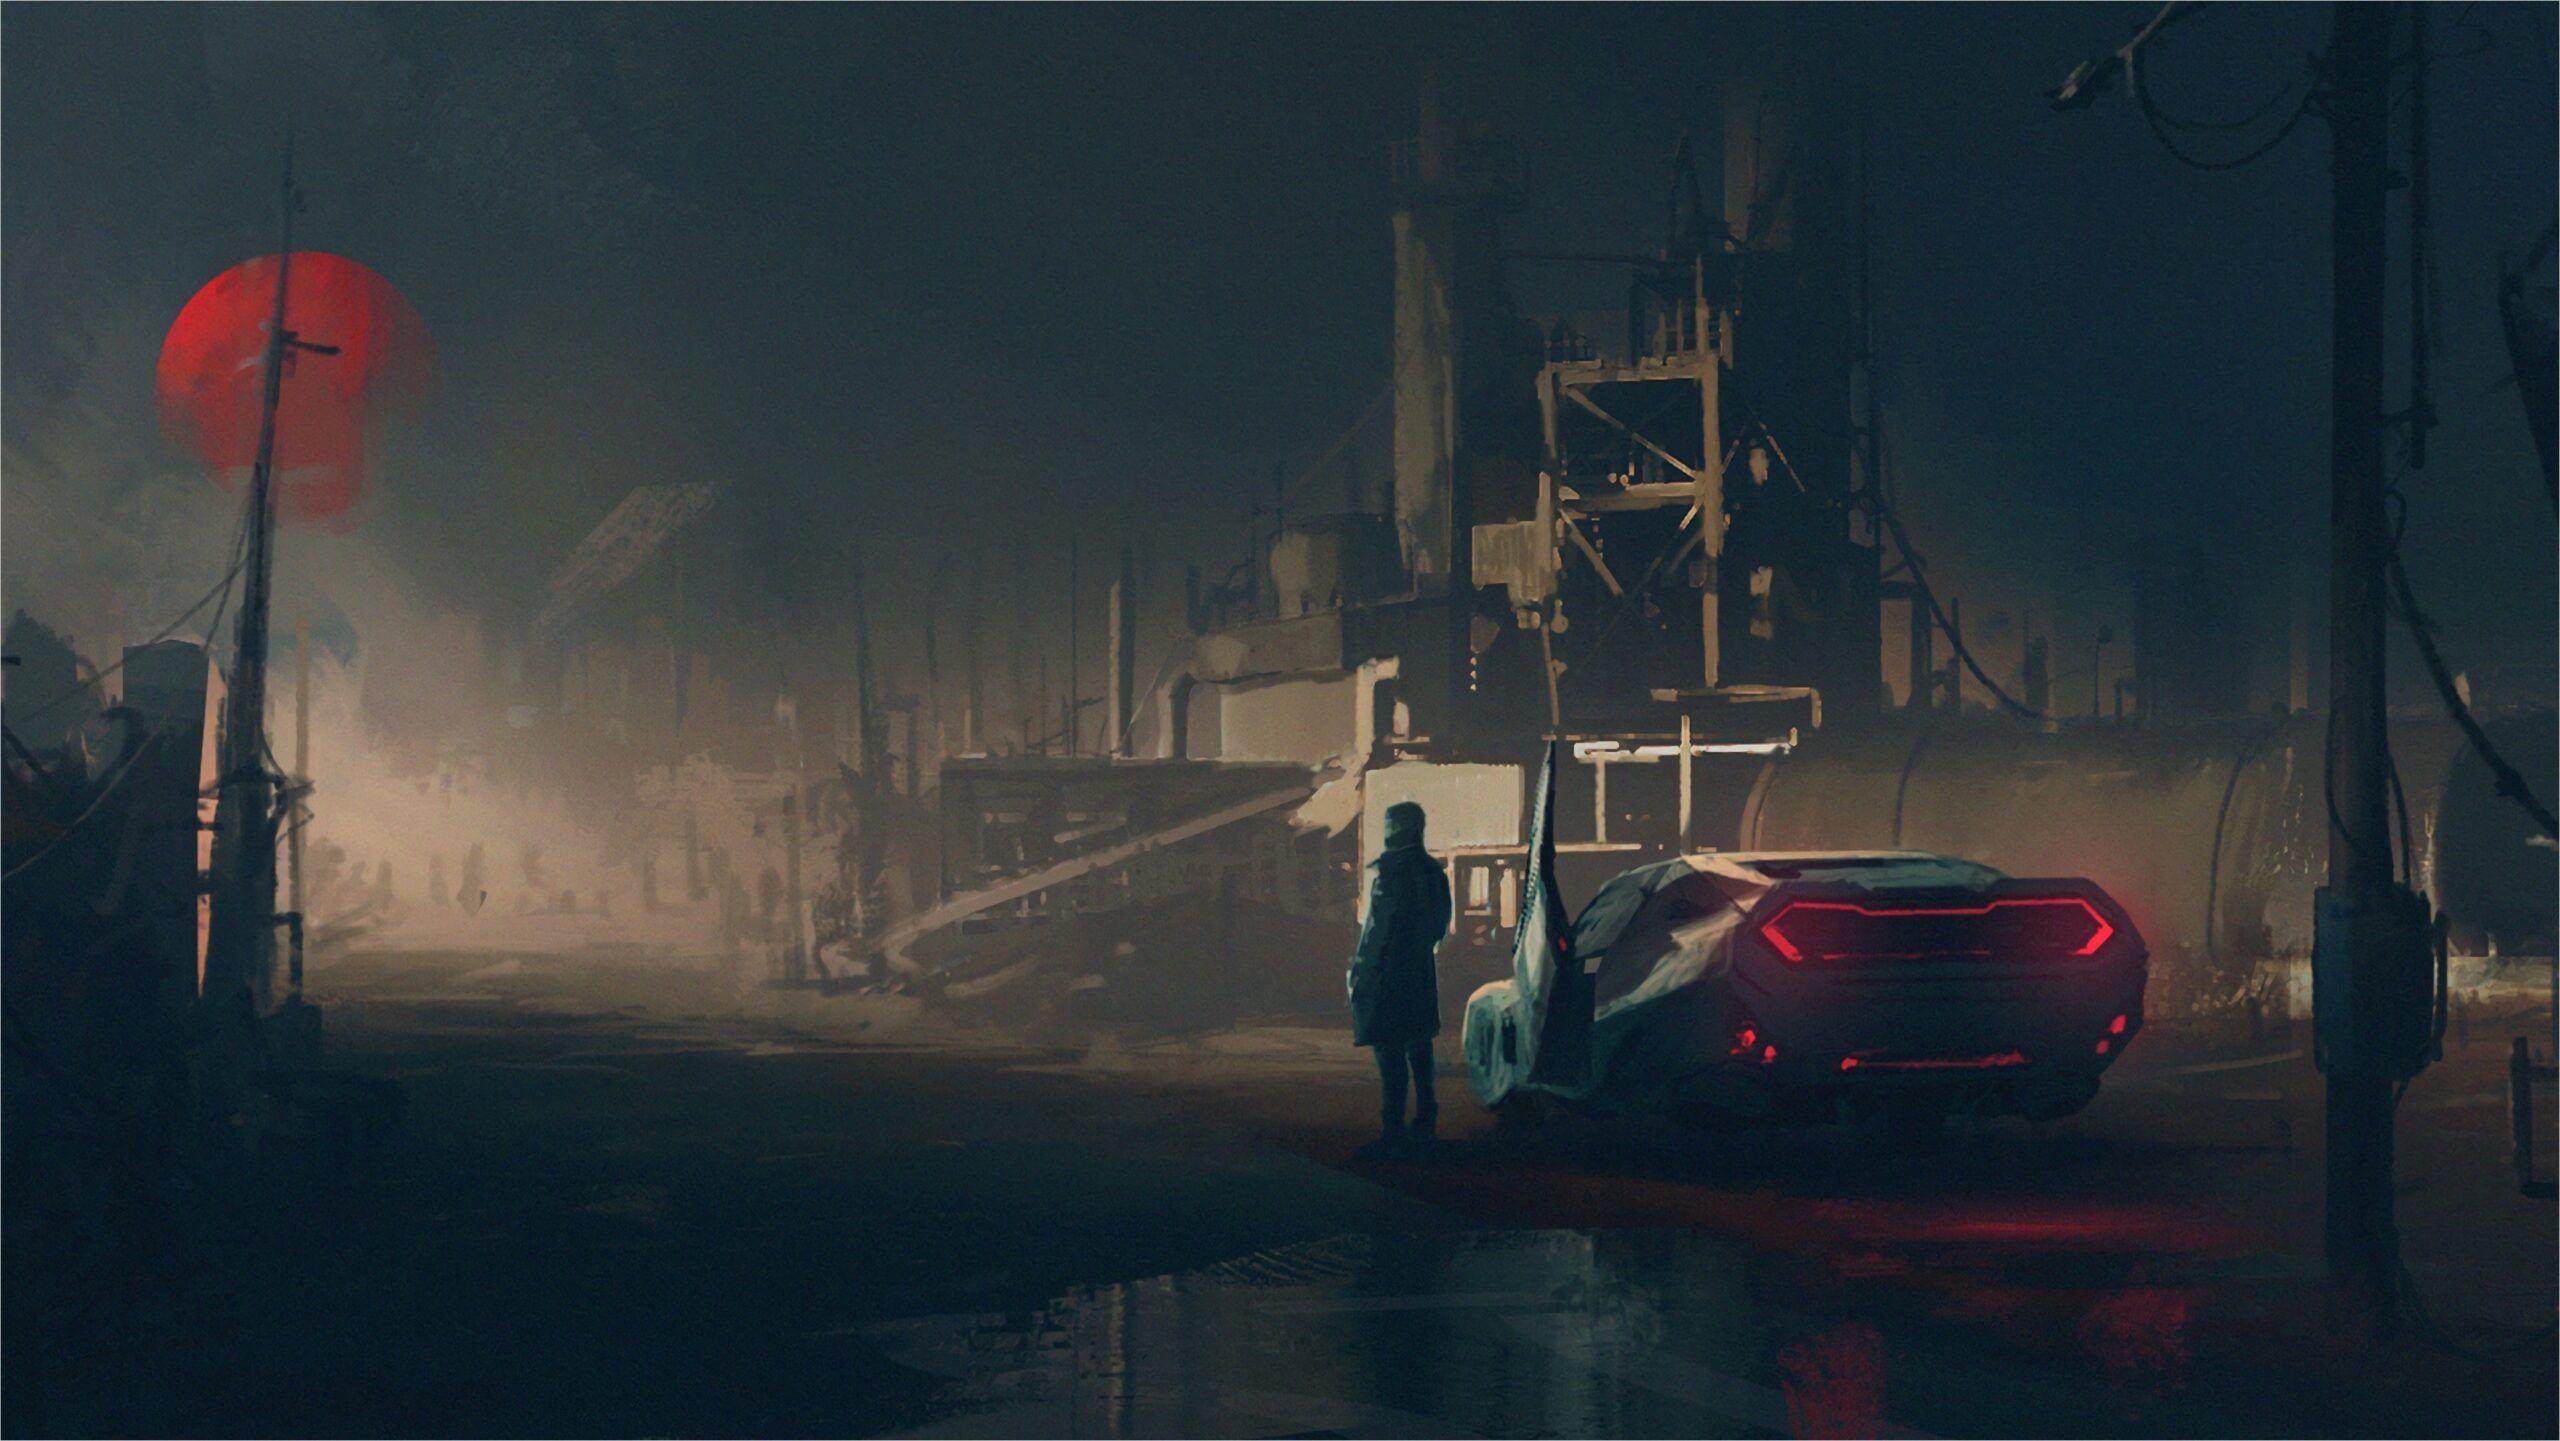 4k Blade Runner 2049 Wallpaper Blade Runner Wallpaper Blade Runner Sci Fi Concept Art